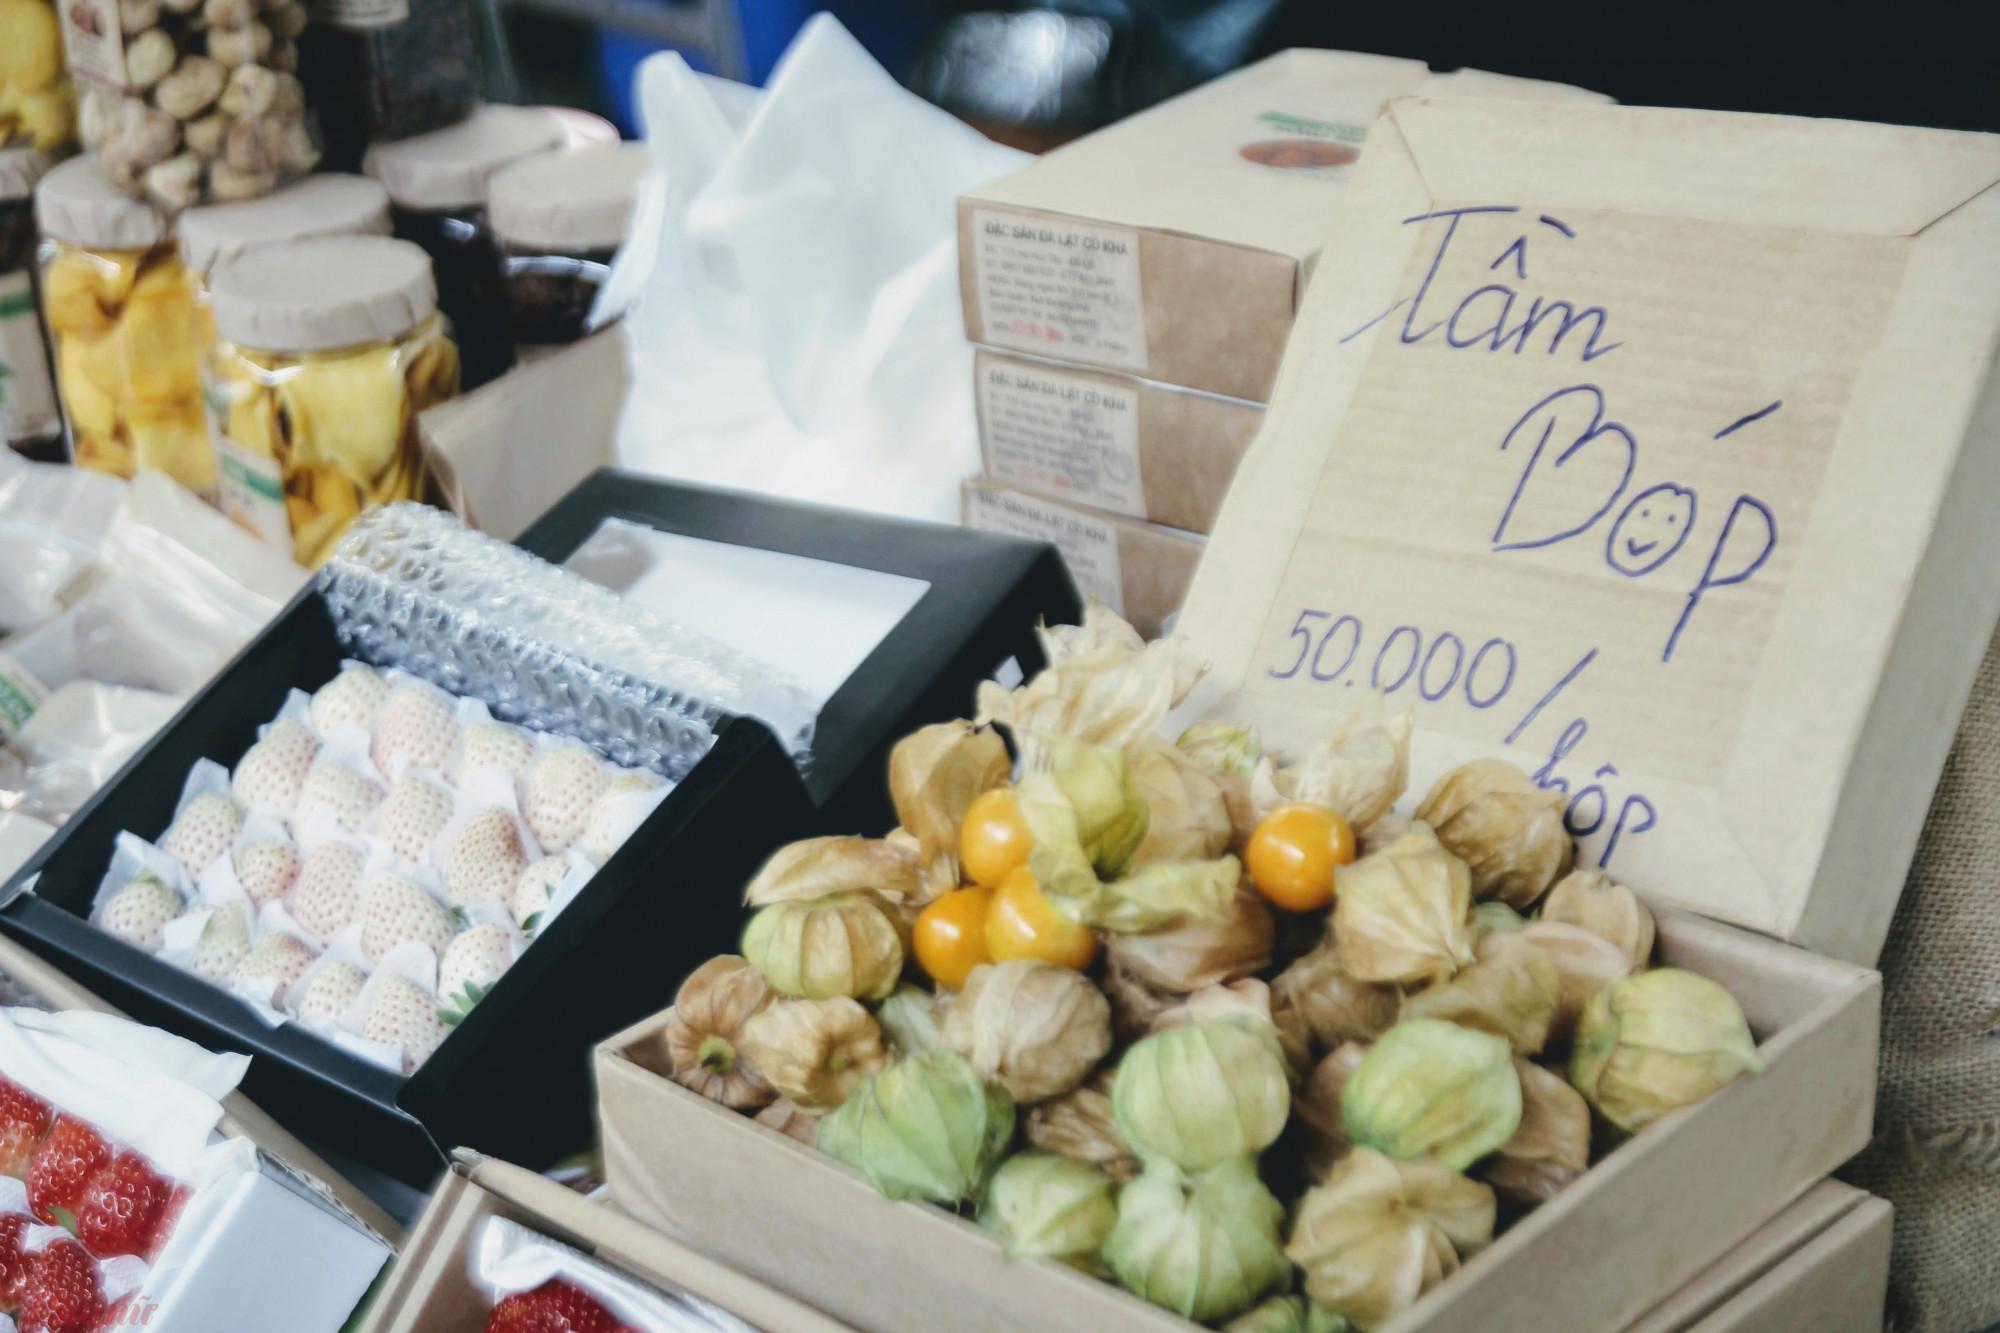 Đặc biết, những loại quả dại như tầm bóp có xuất xứ từ Đà Lạt này có mức giá 200.000 đồng/kg